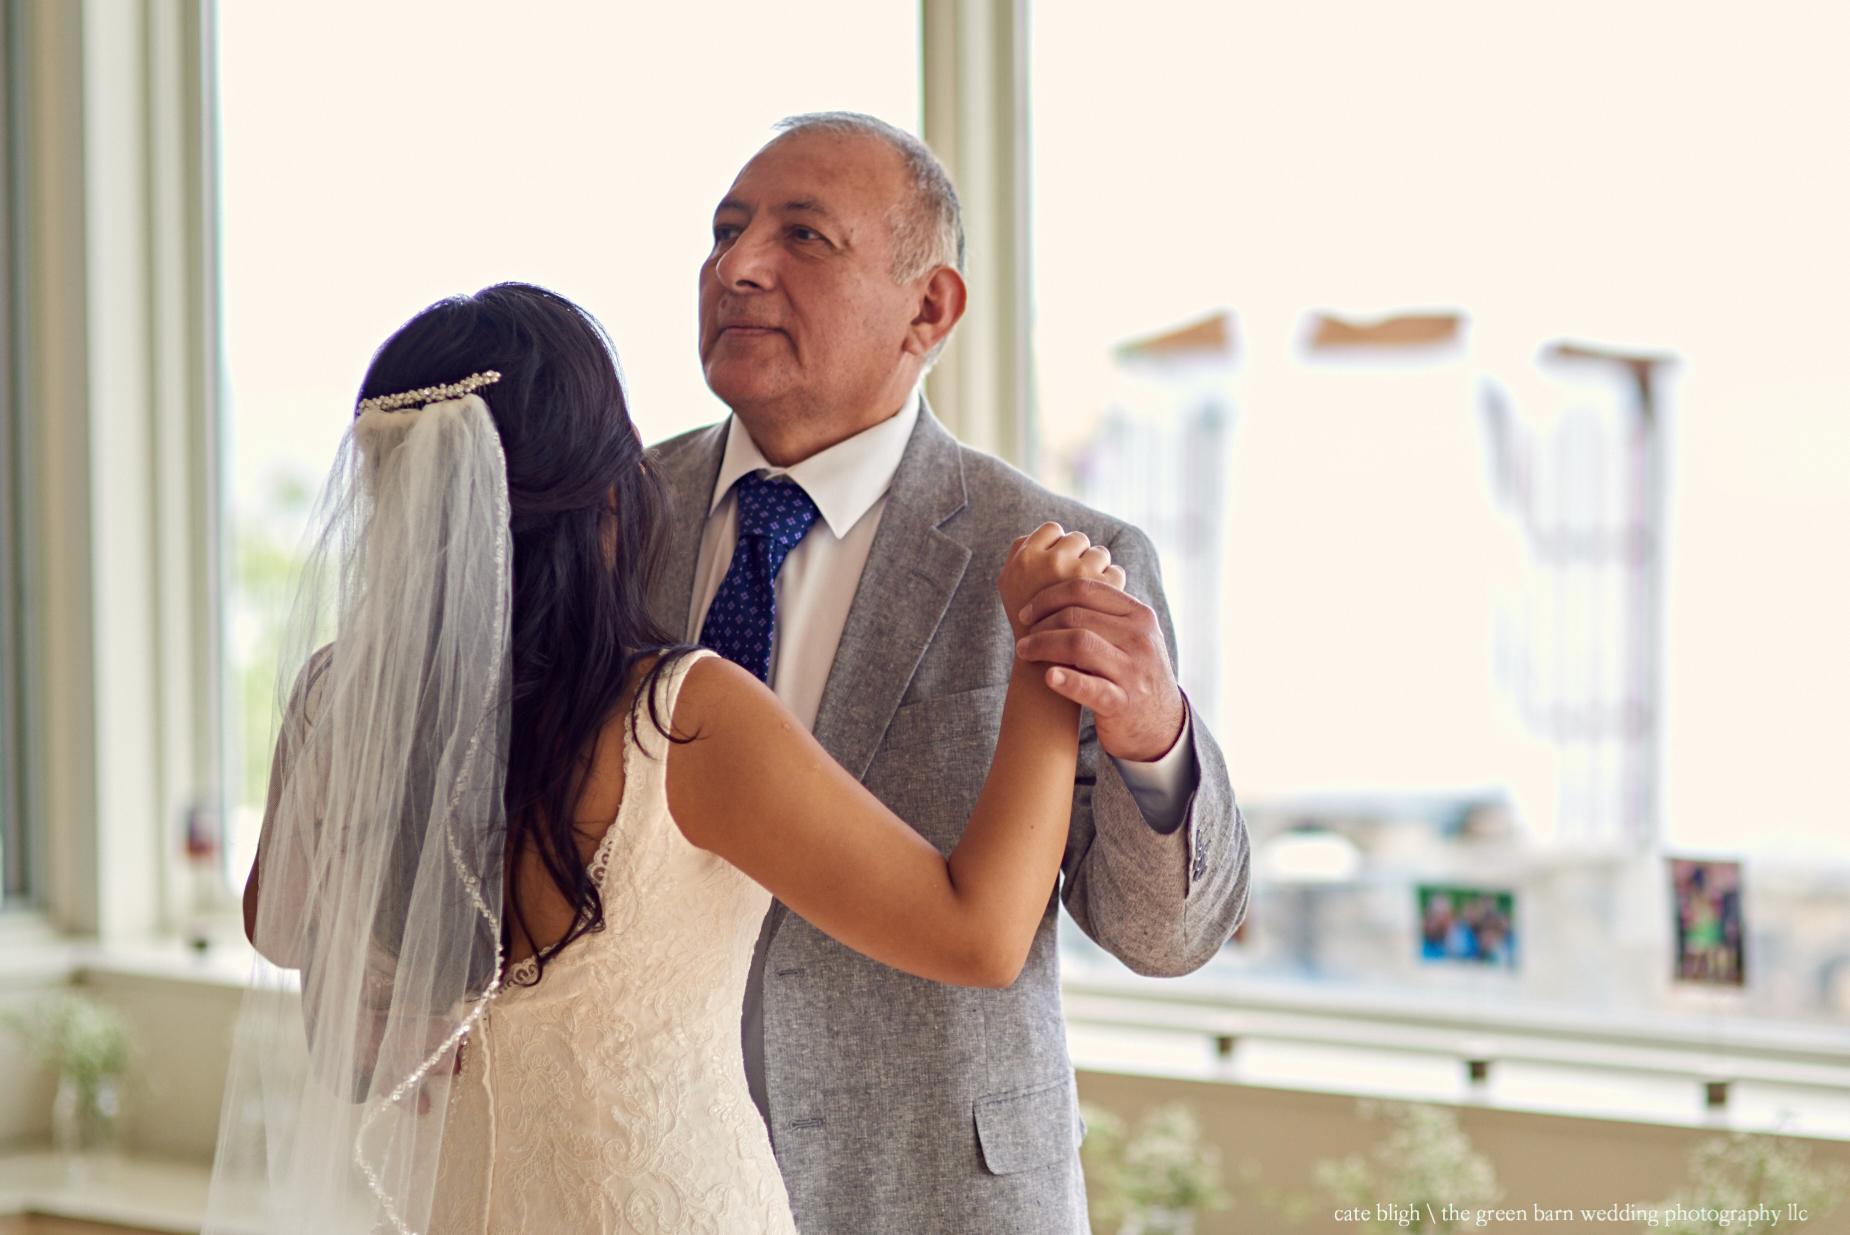 cape-elizabeth-wedding-photos-by-cate-bligh-151.jpg